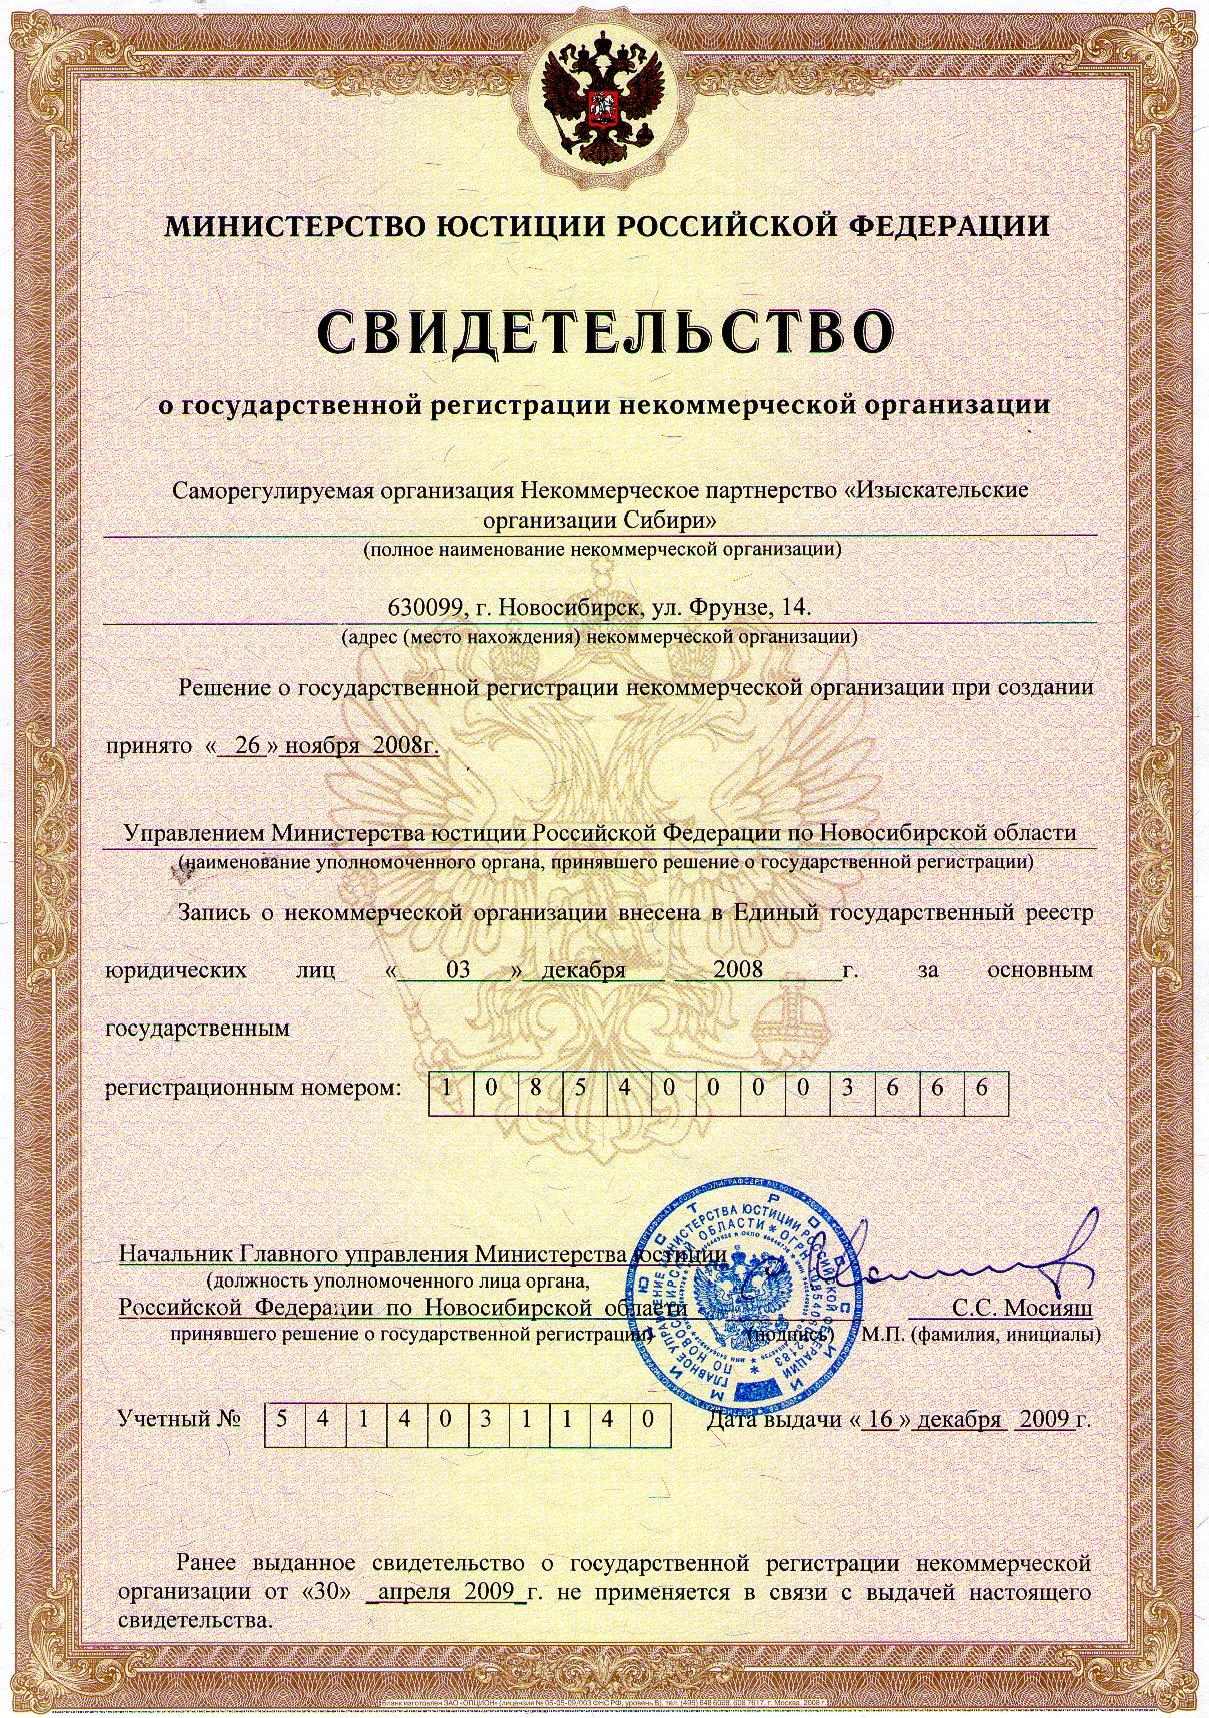 они Кто осуществляет регистрацию юридических лиц Диаспара